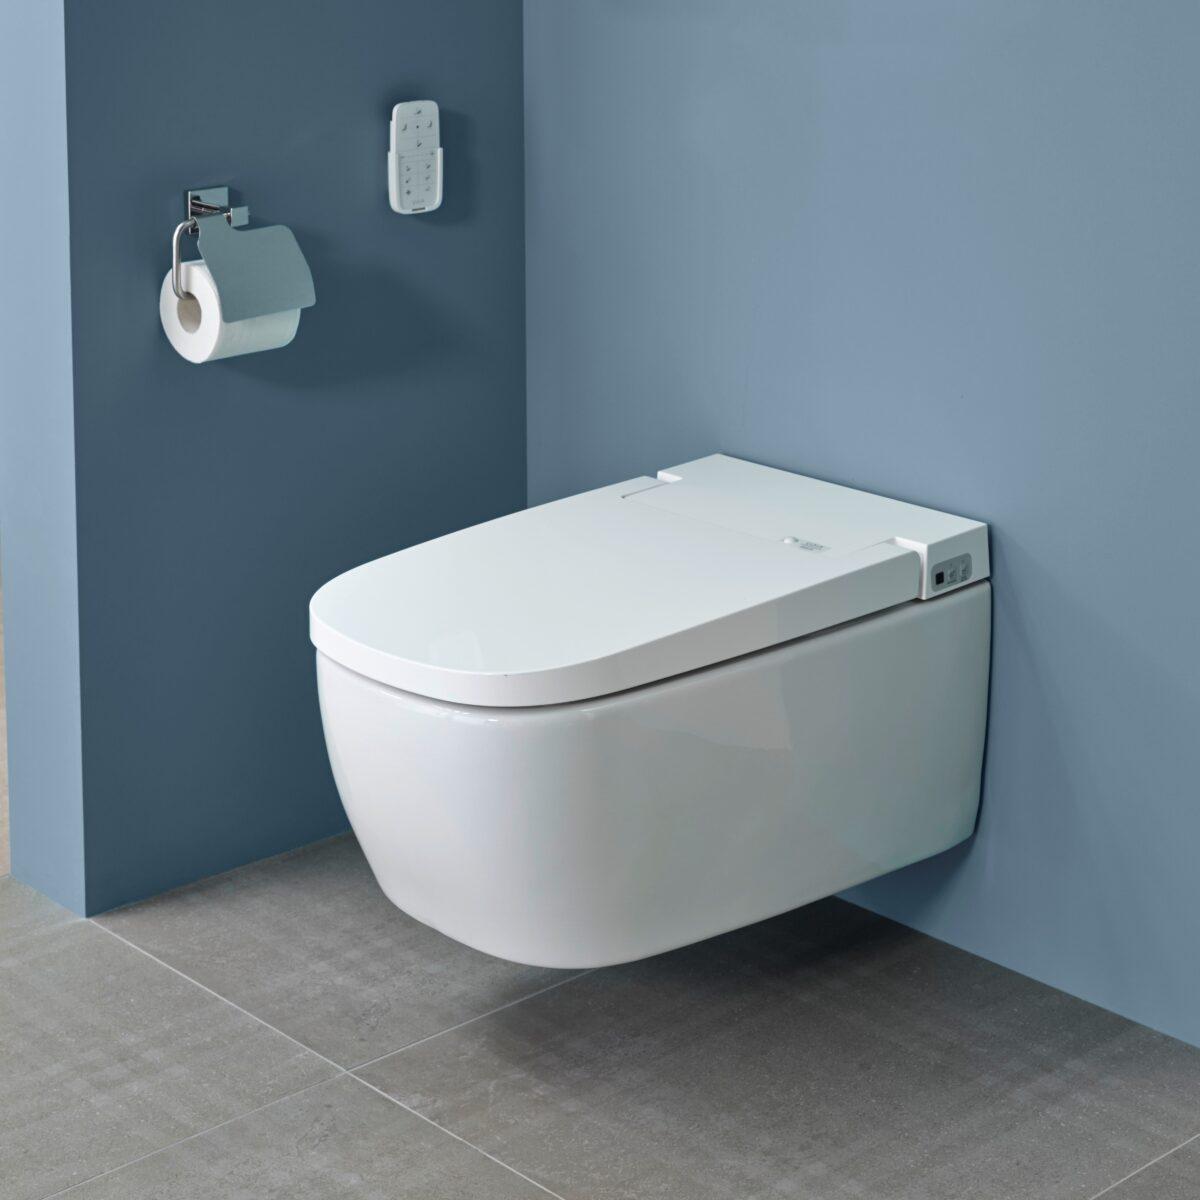 WC senza brida: quando conviene, perché, idee